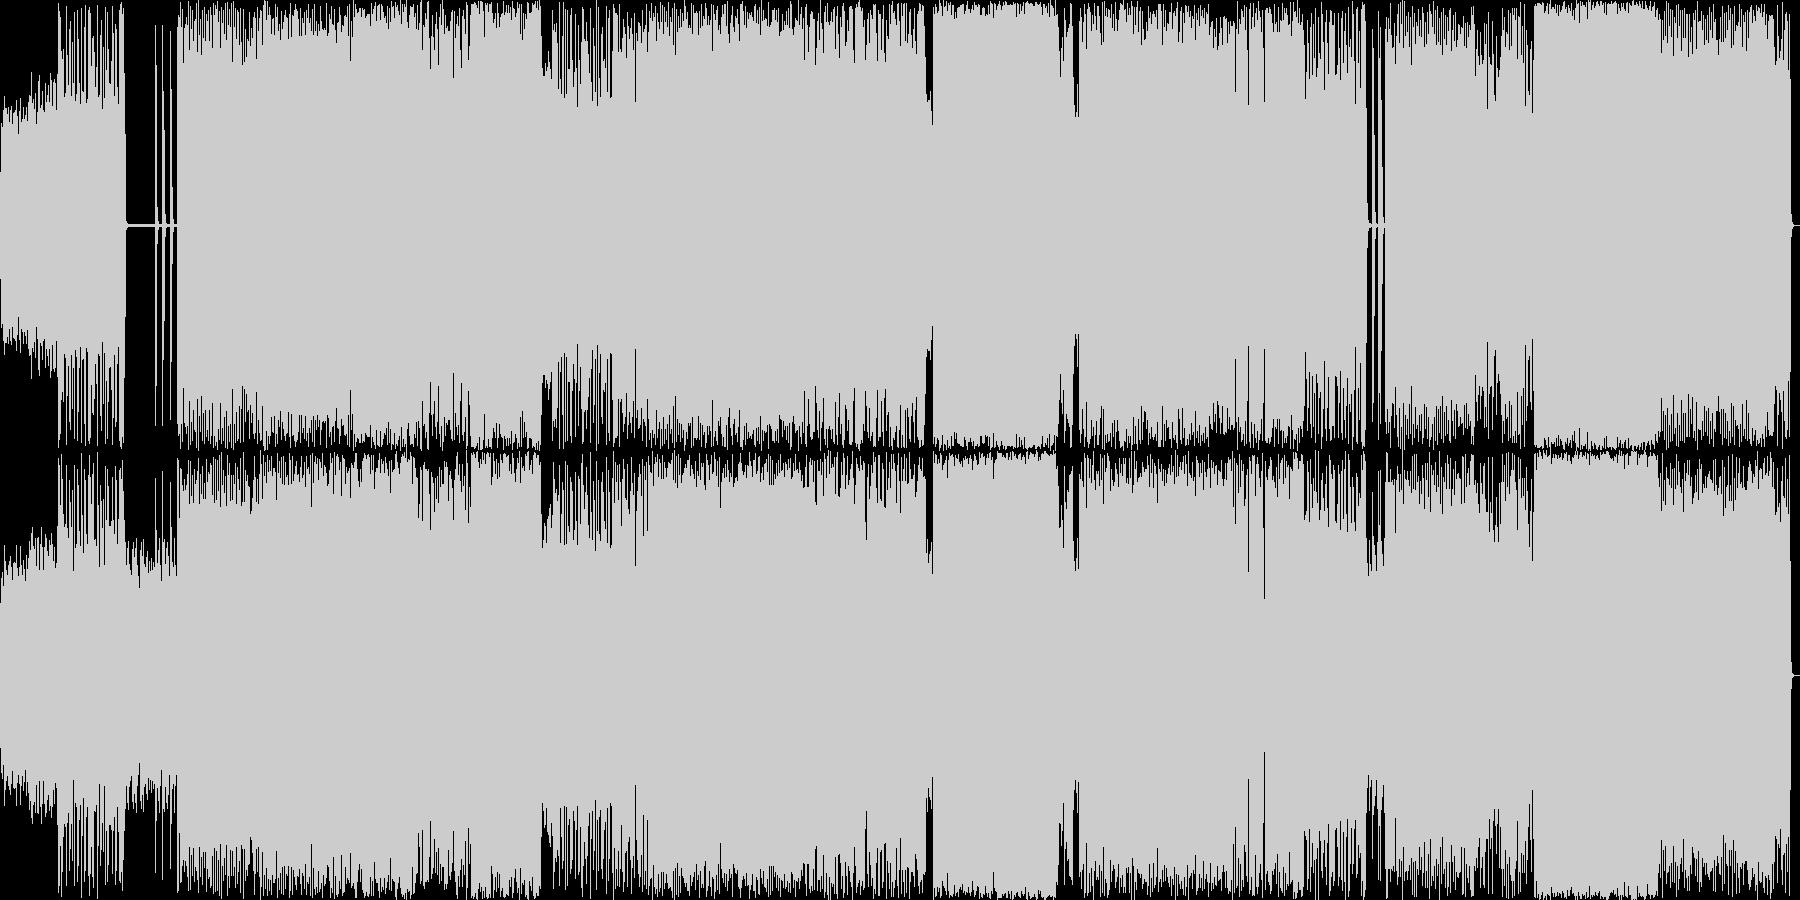 疾走感あるメロディアスなヘヴィメタルの未再生の波形